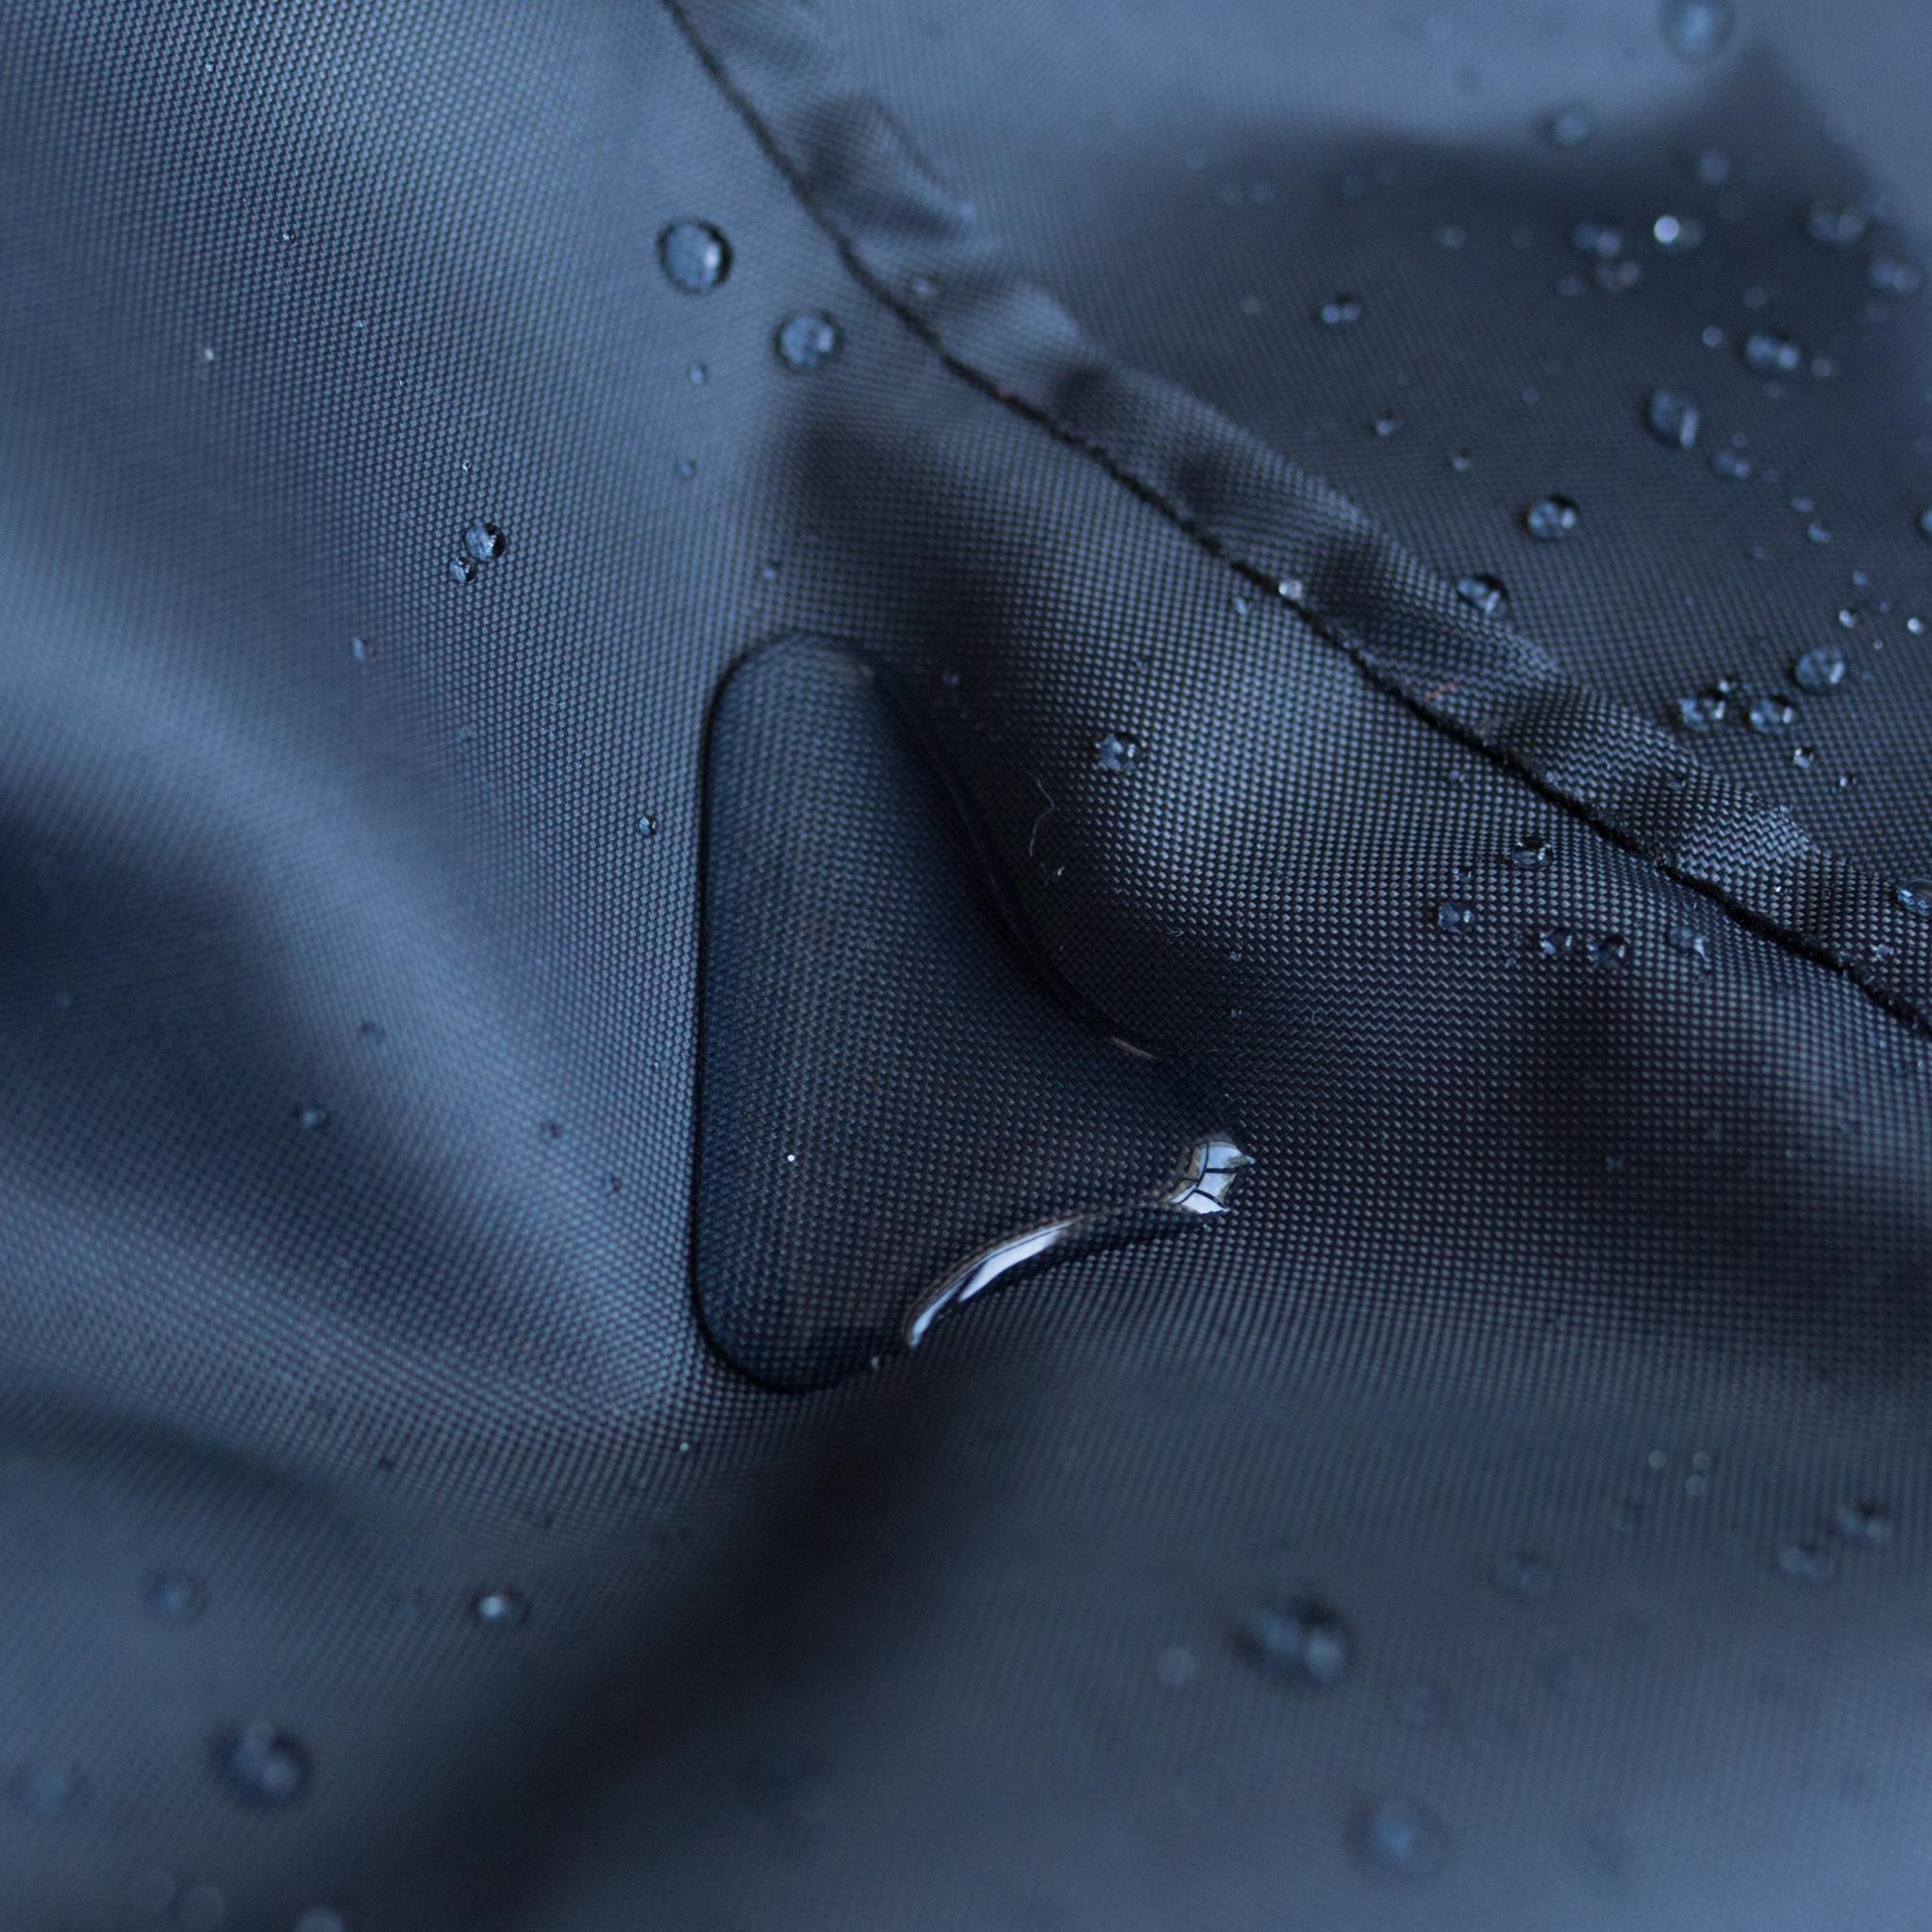 Груша М плащёвка, съёмный чехол (тёмно-серая)